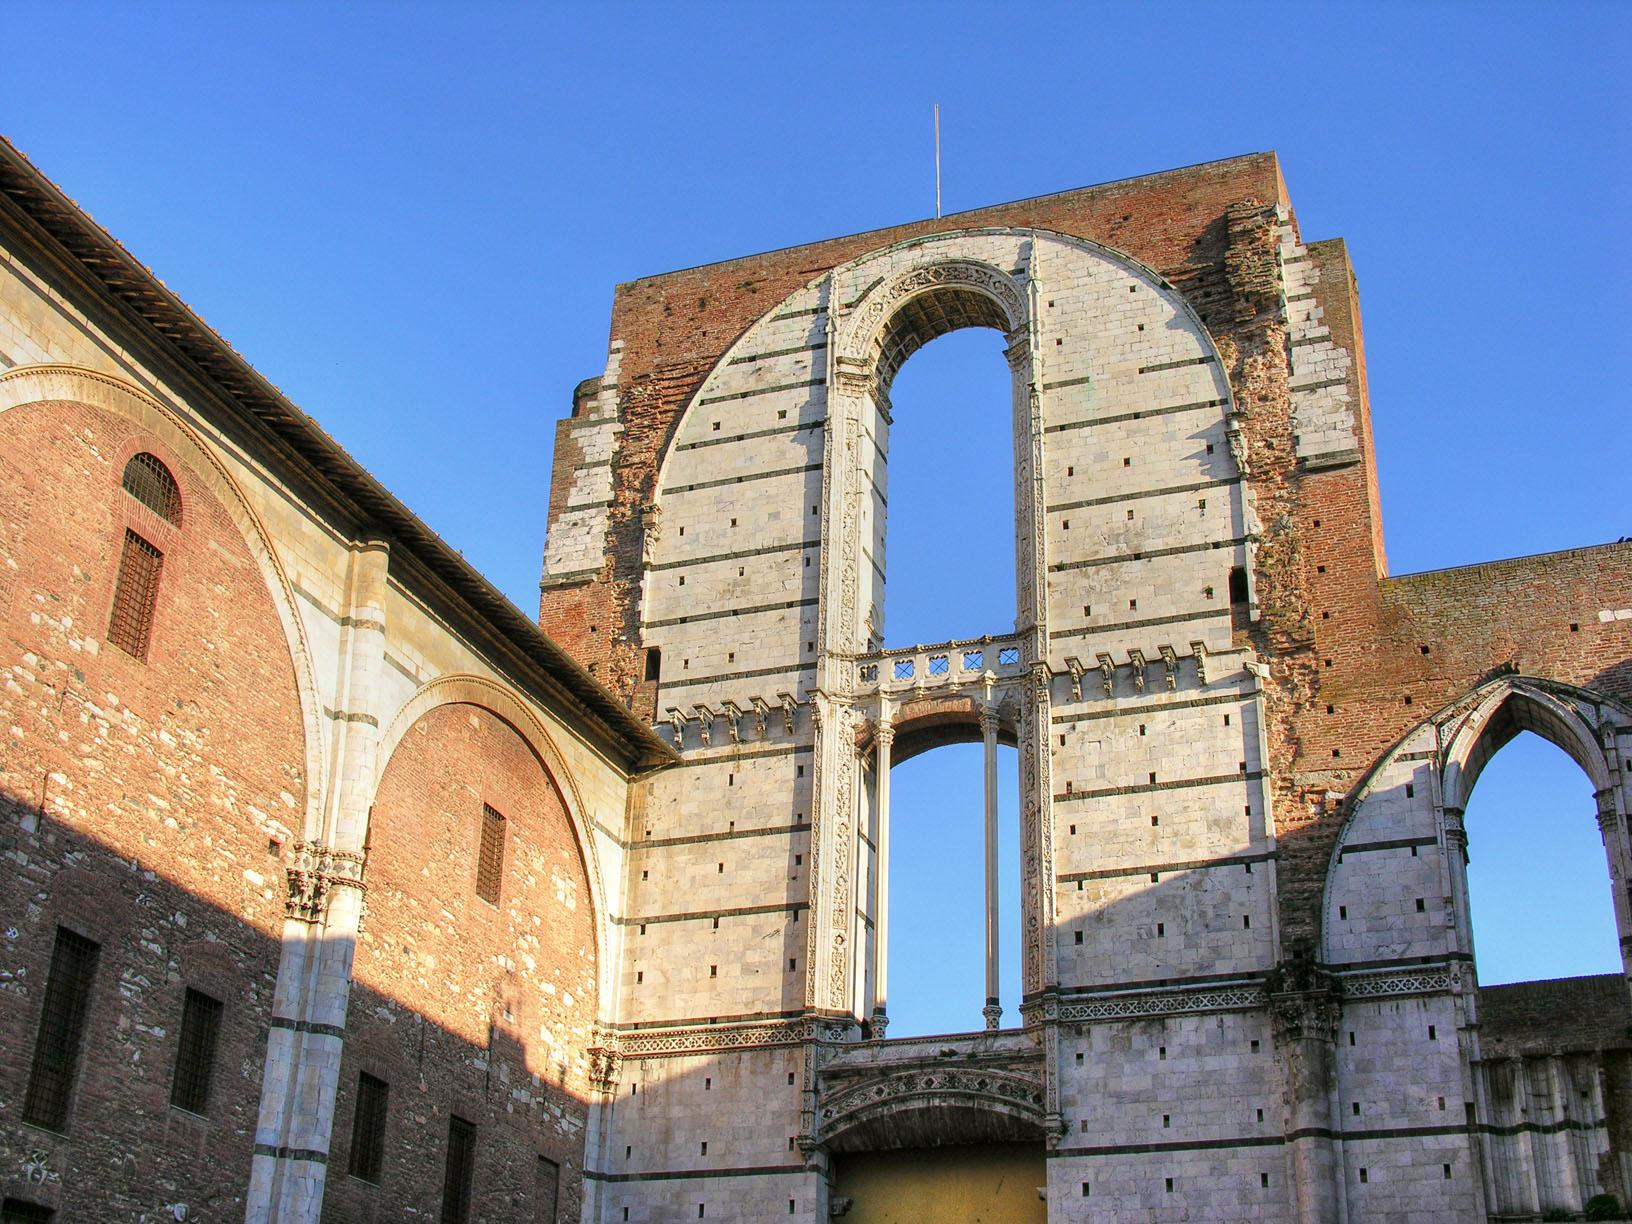 Siena, tuscany, italy photo